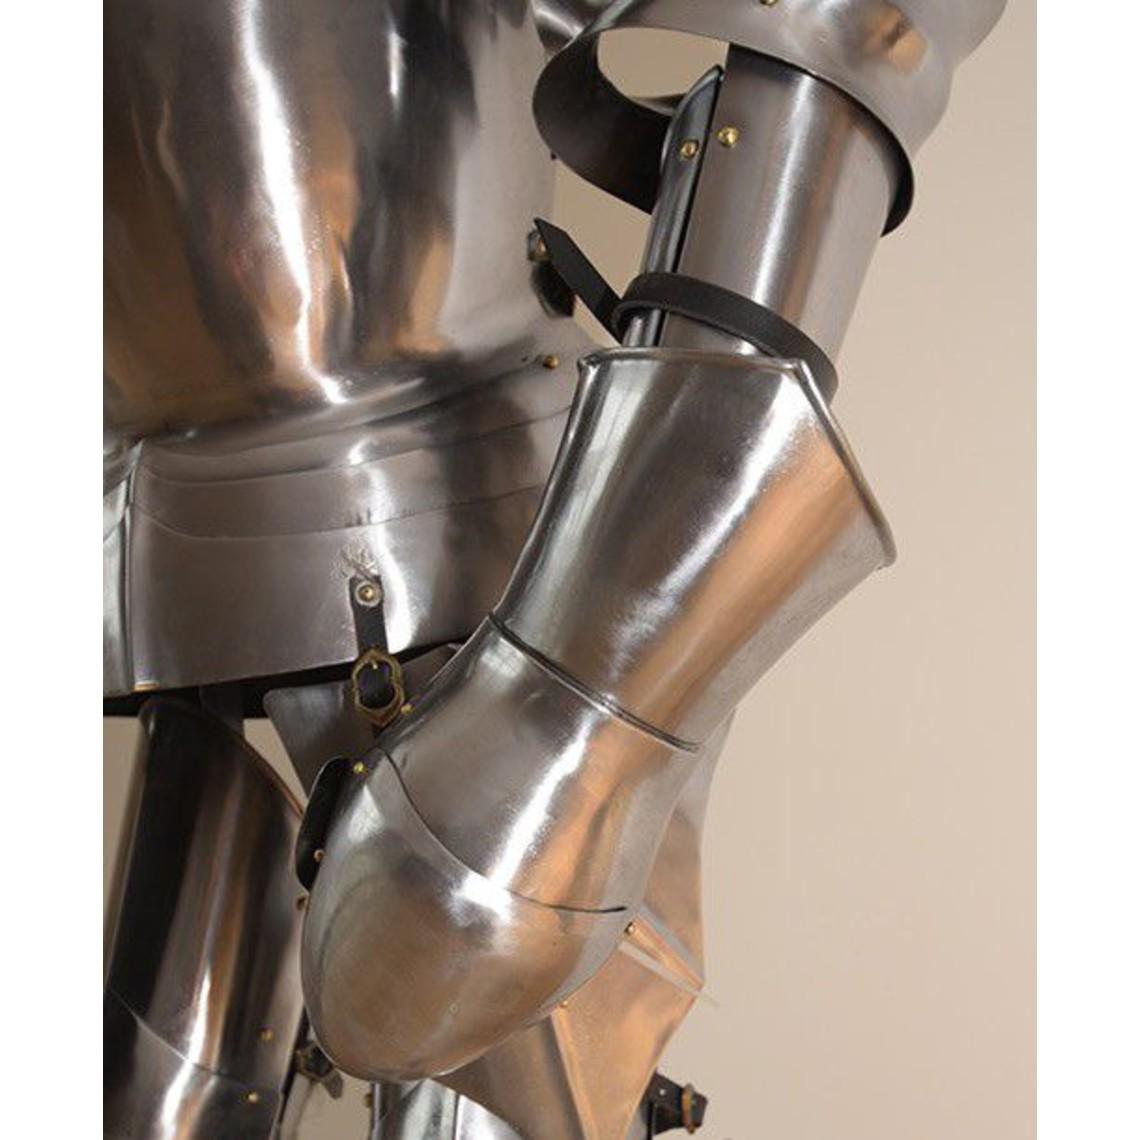 Deepeeka All'inizio vestito 15 ° secolo di armatura stile Milanese